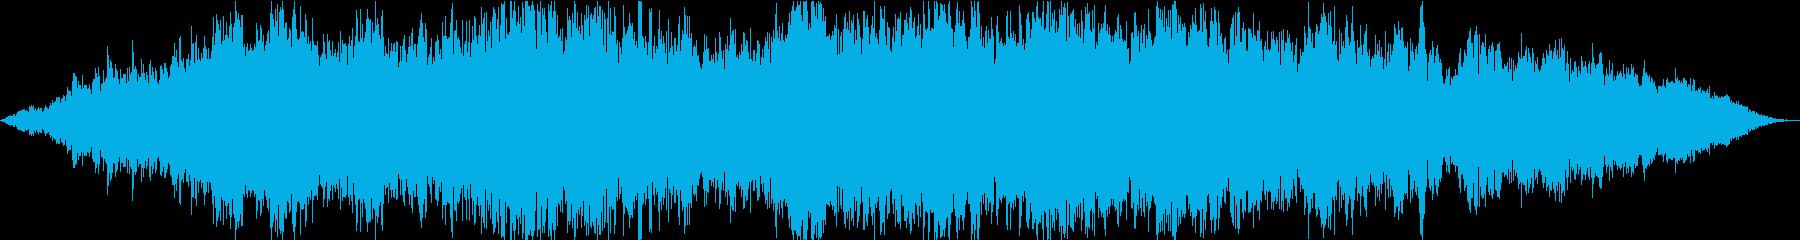 ドローン スペイン語01の再生済みの波形